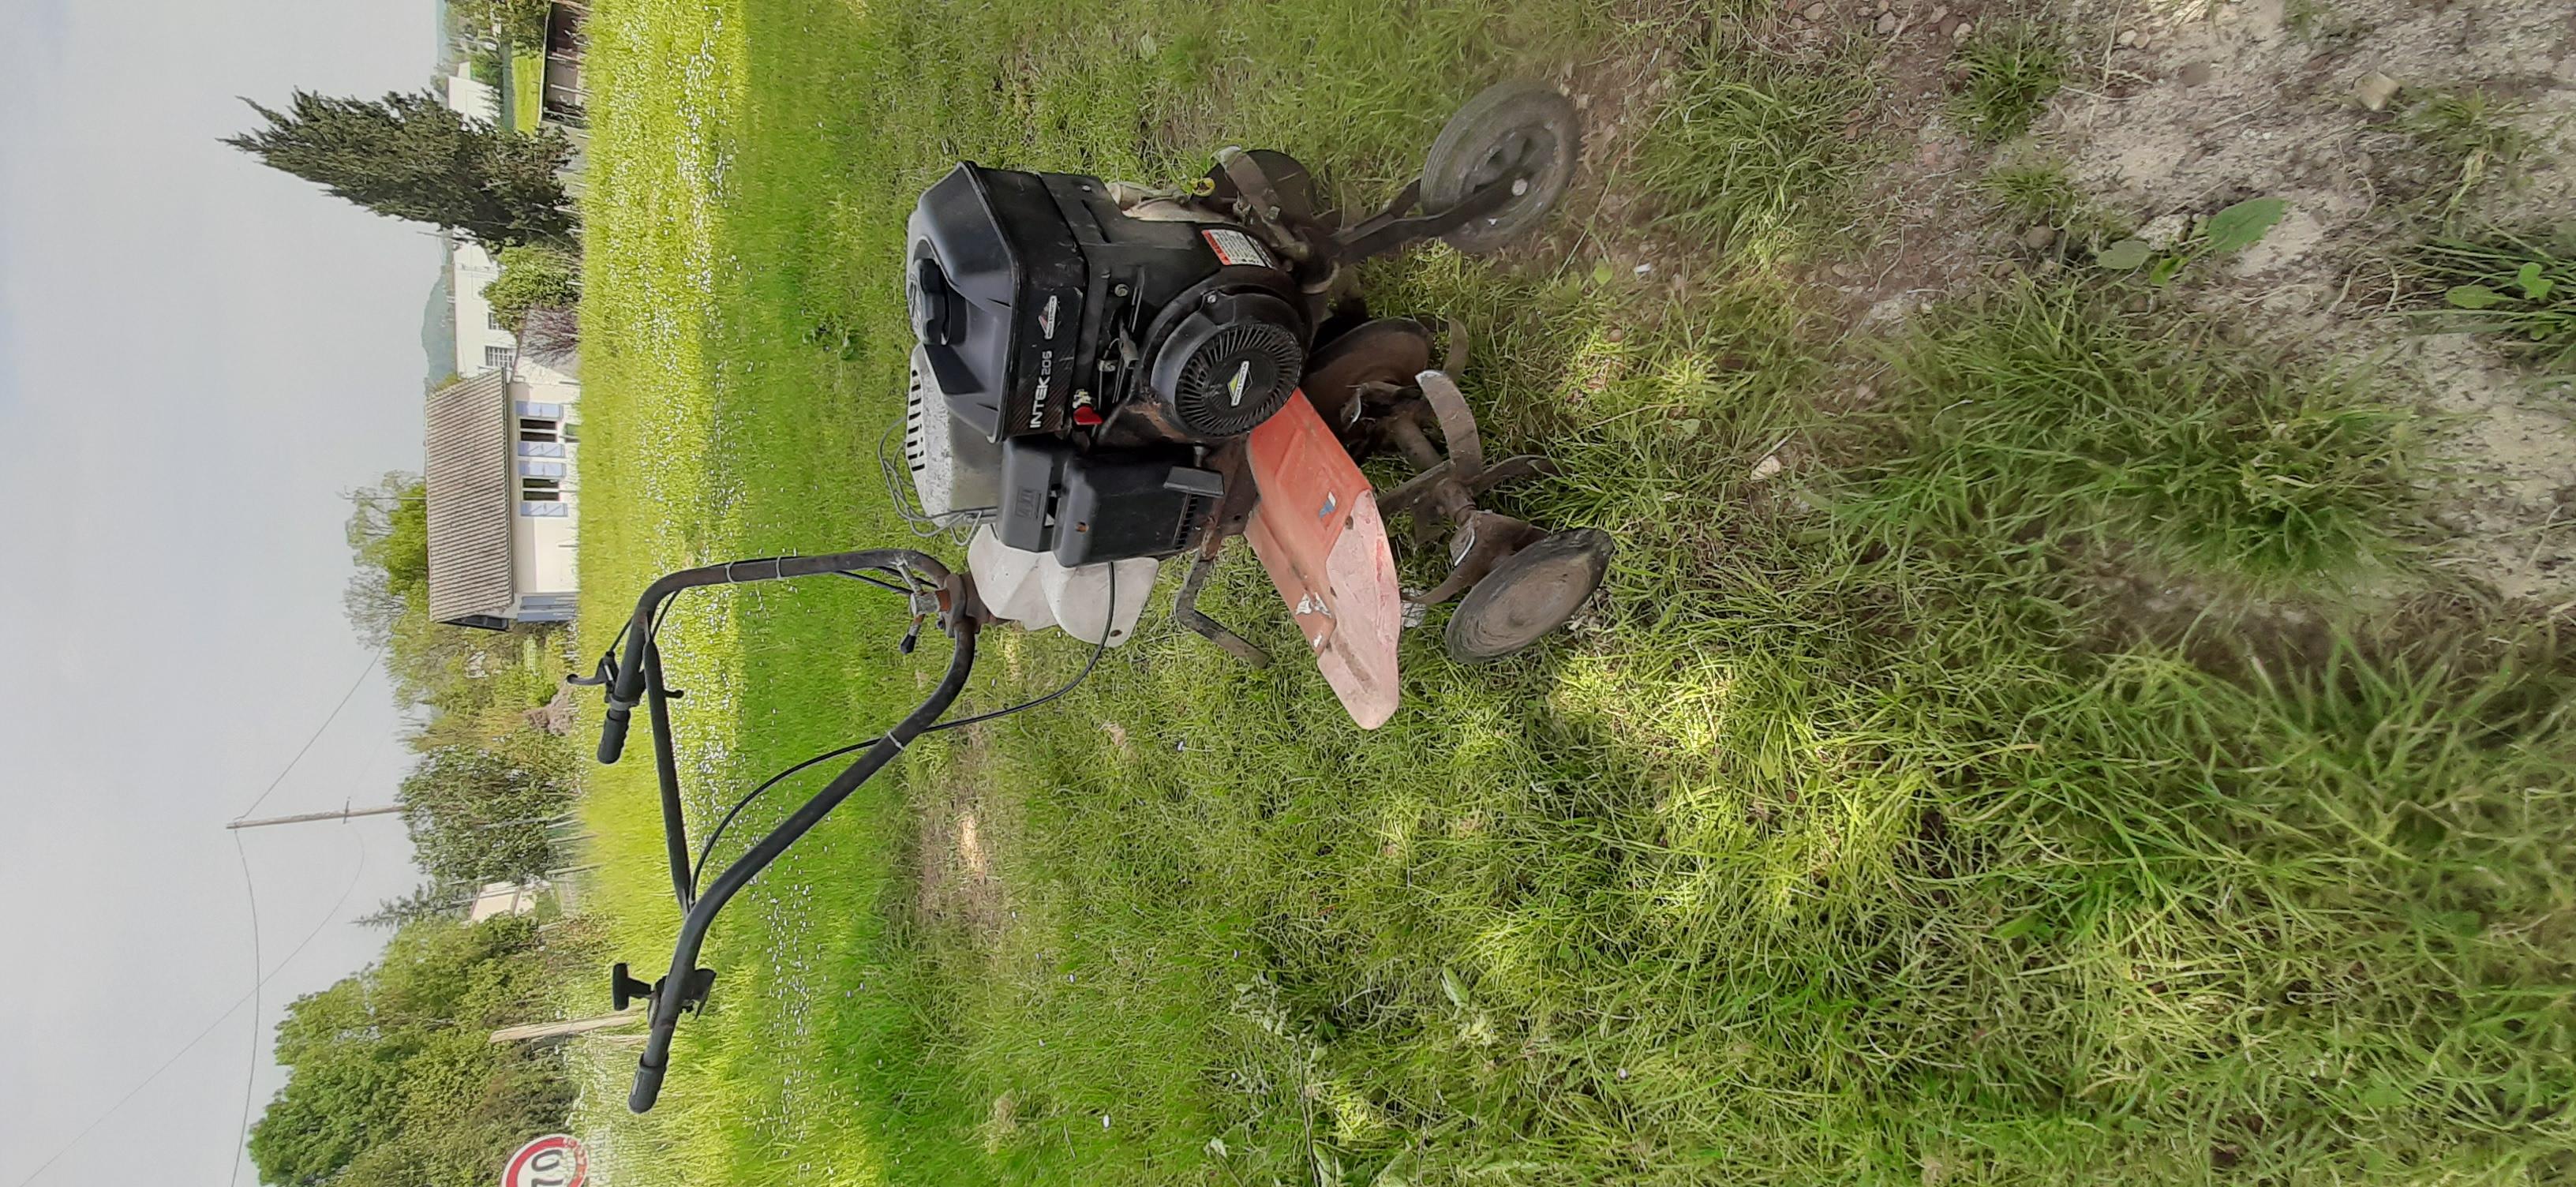 Motoculteur briggs et stratton.